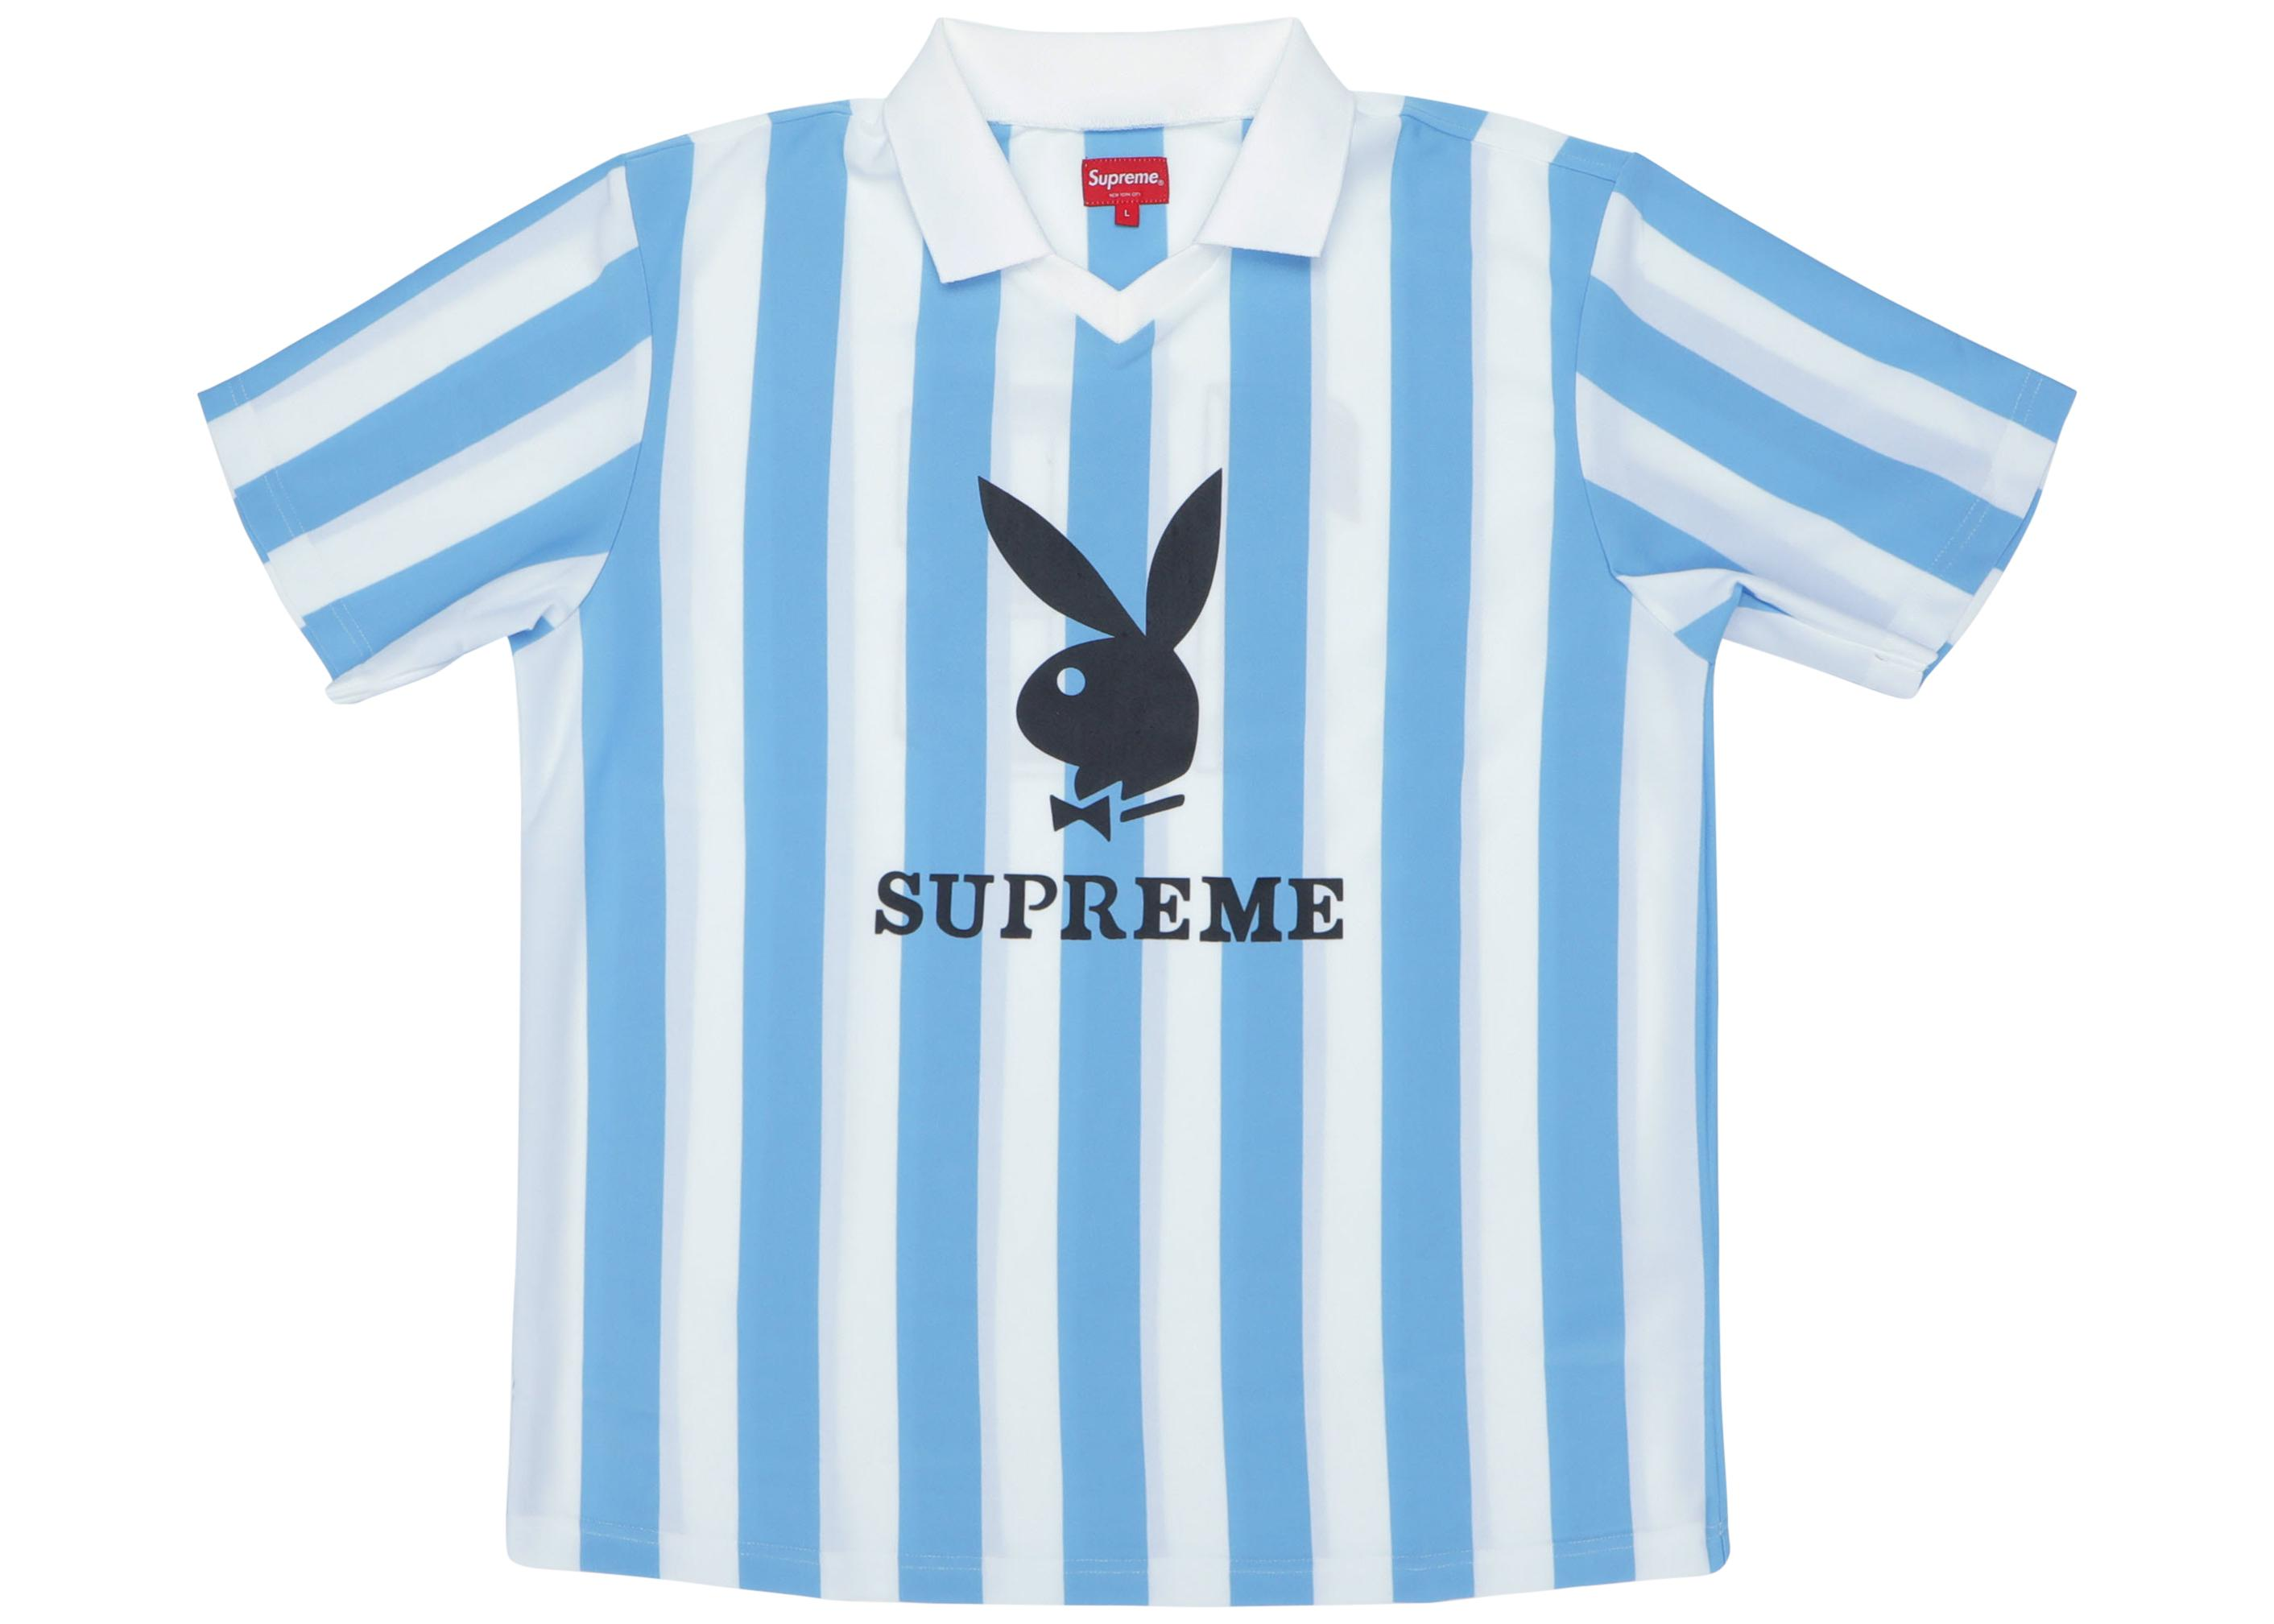 78223fc71bec Supreme Playboy Soccer Jersey Light Blue in Blue for Men - Save 33 ...